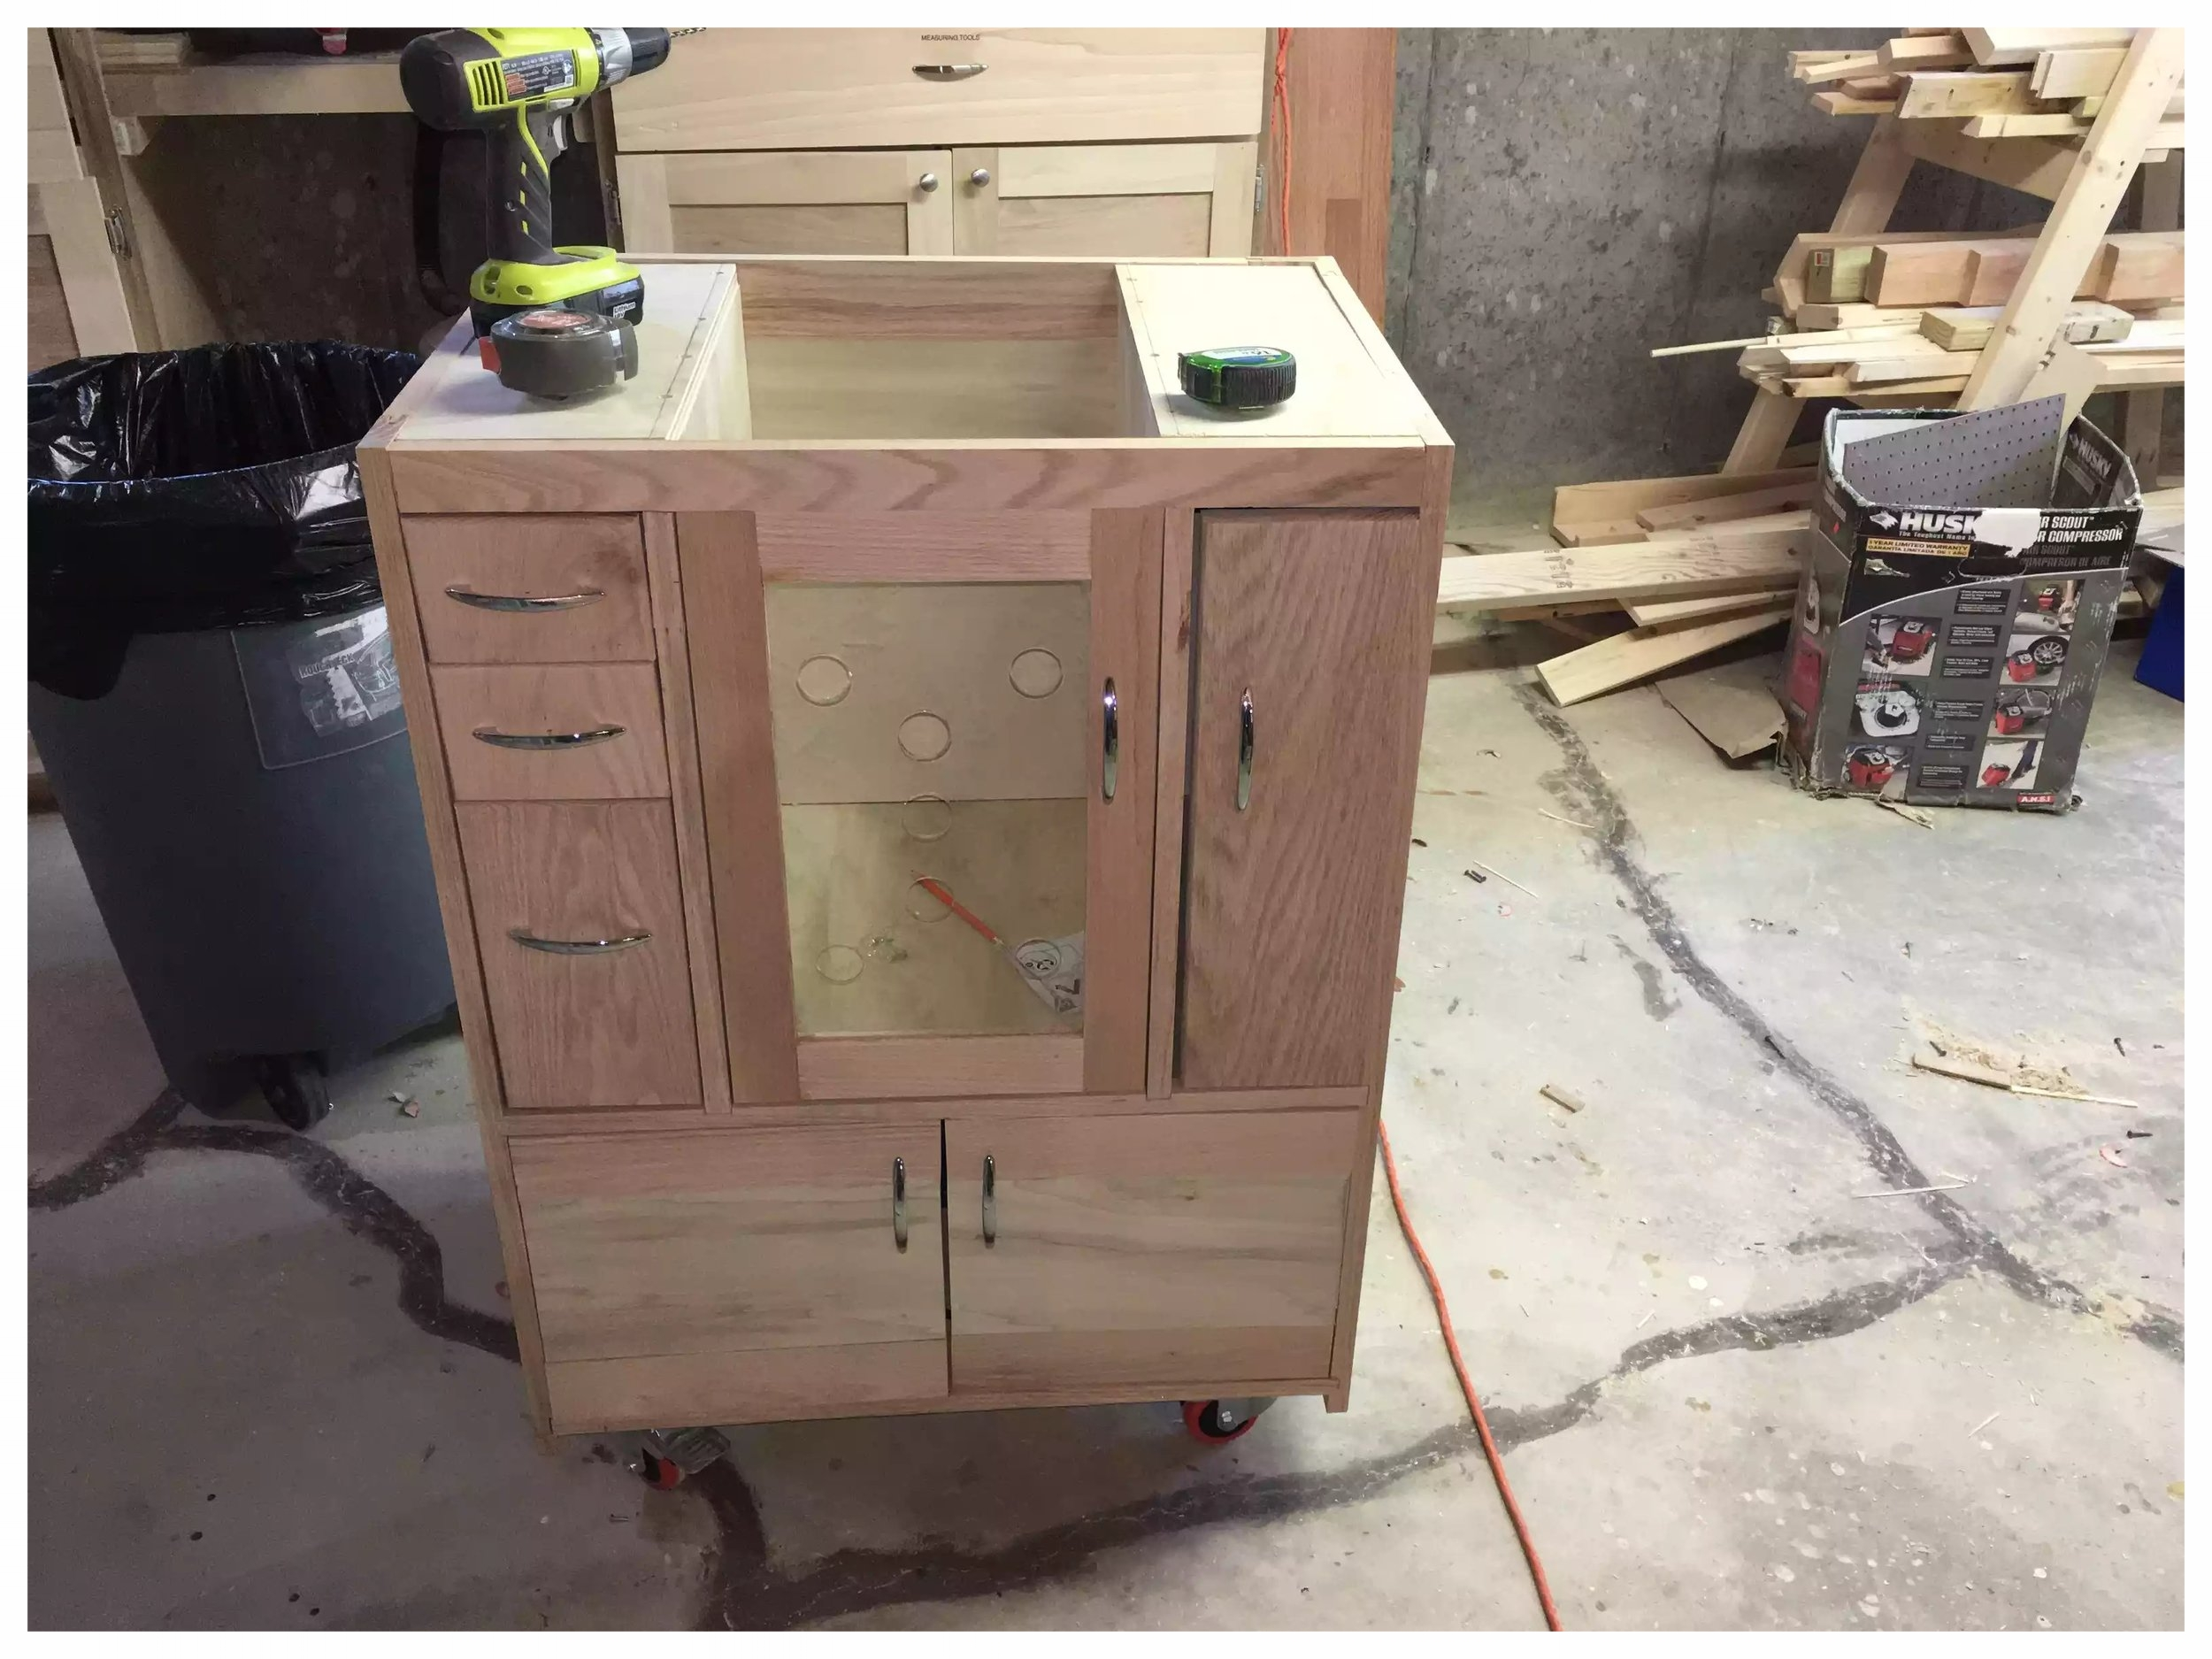 Cabinet built